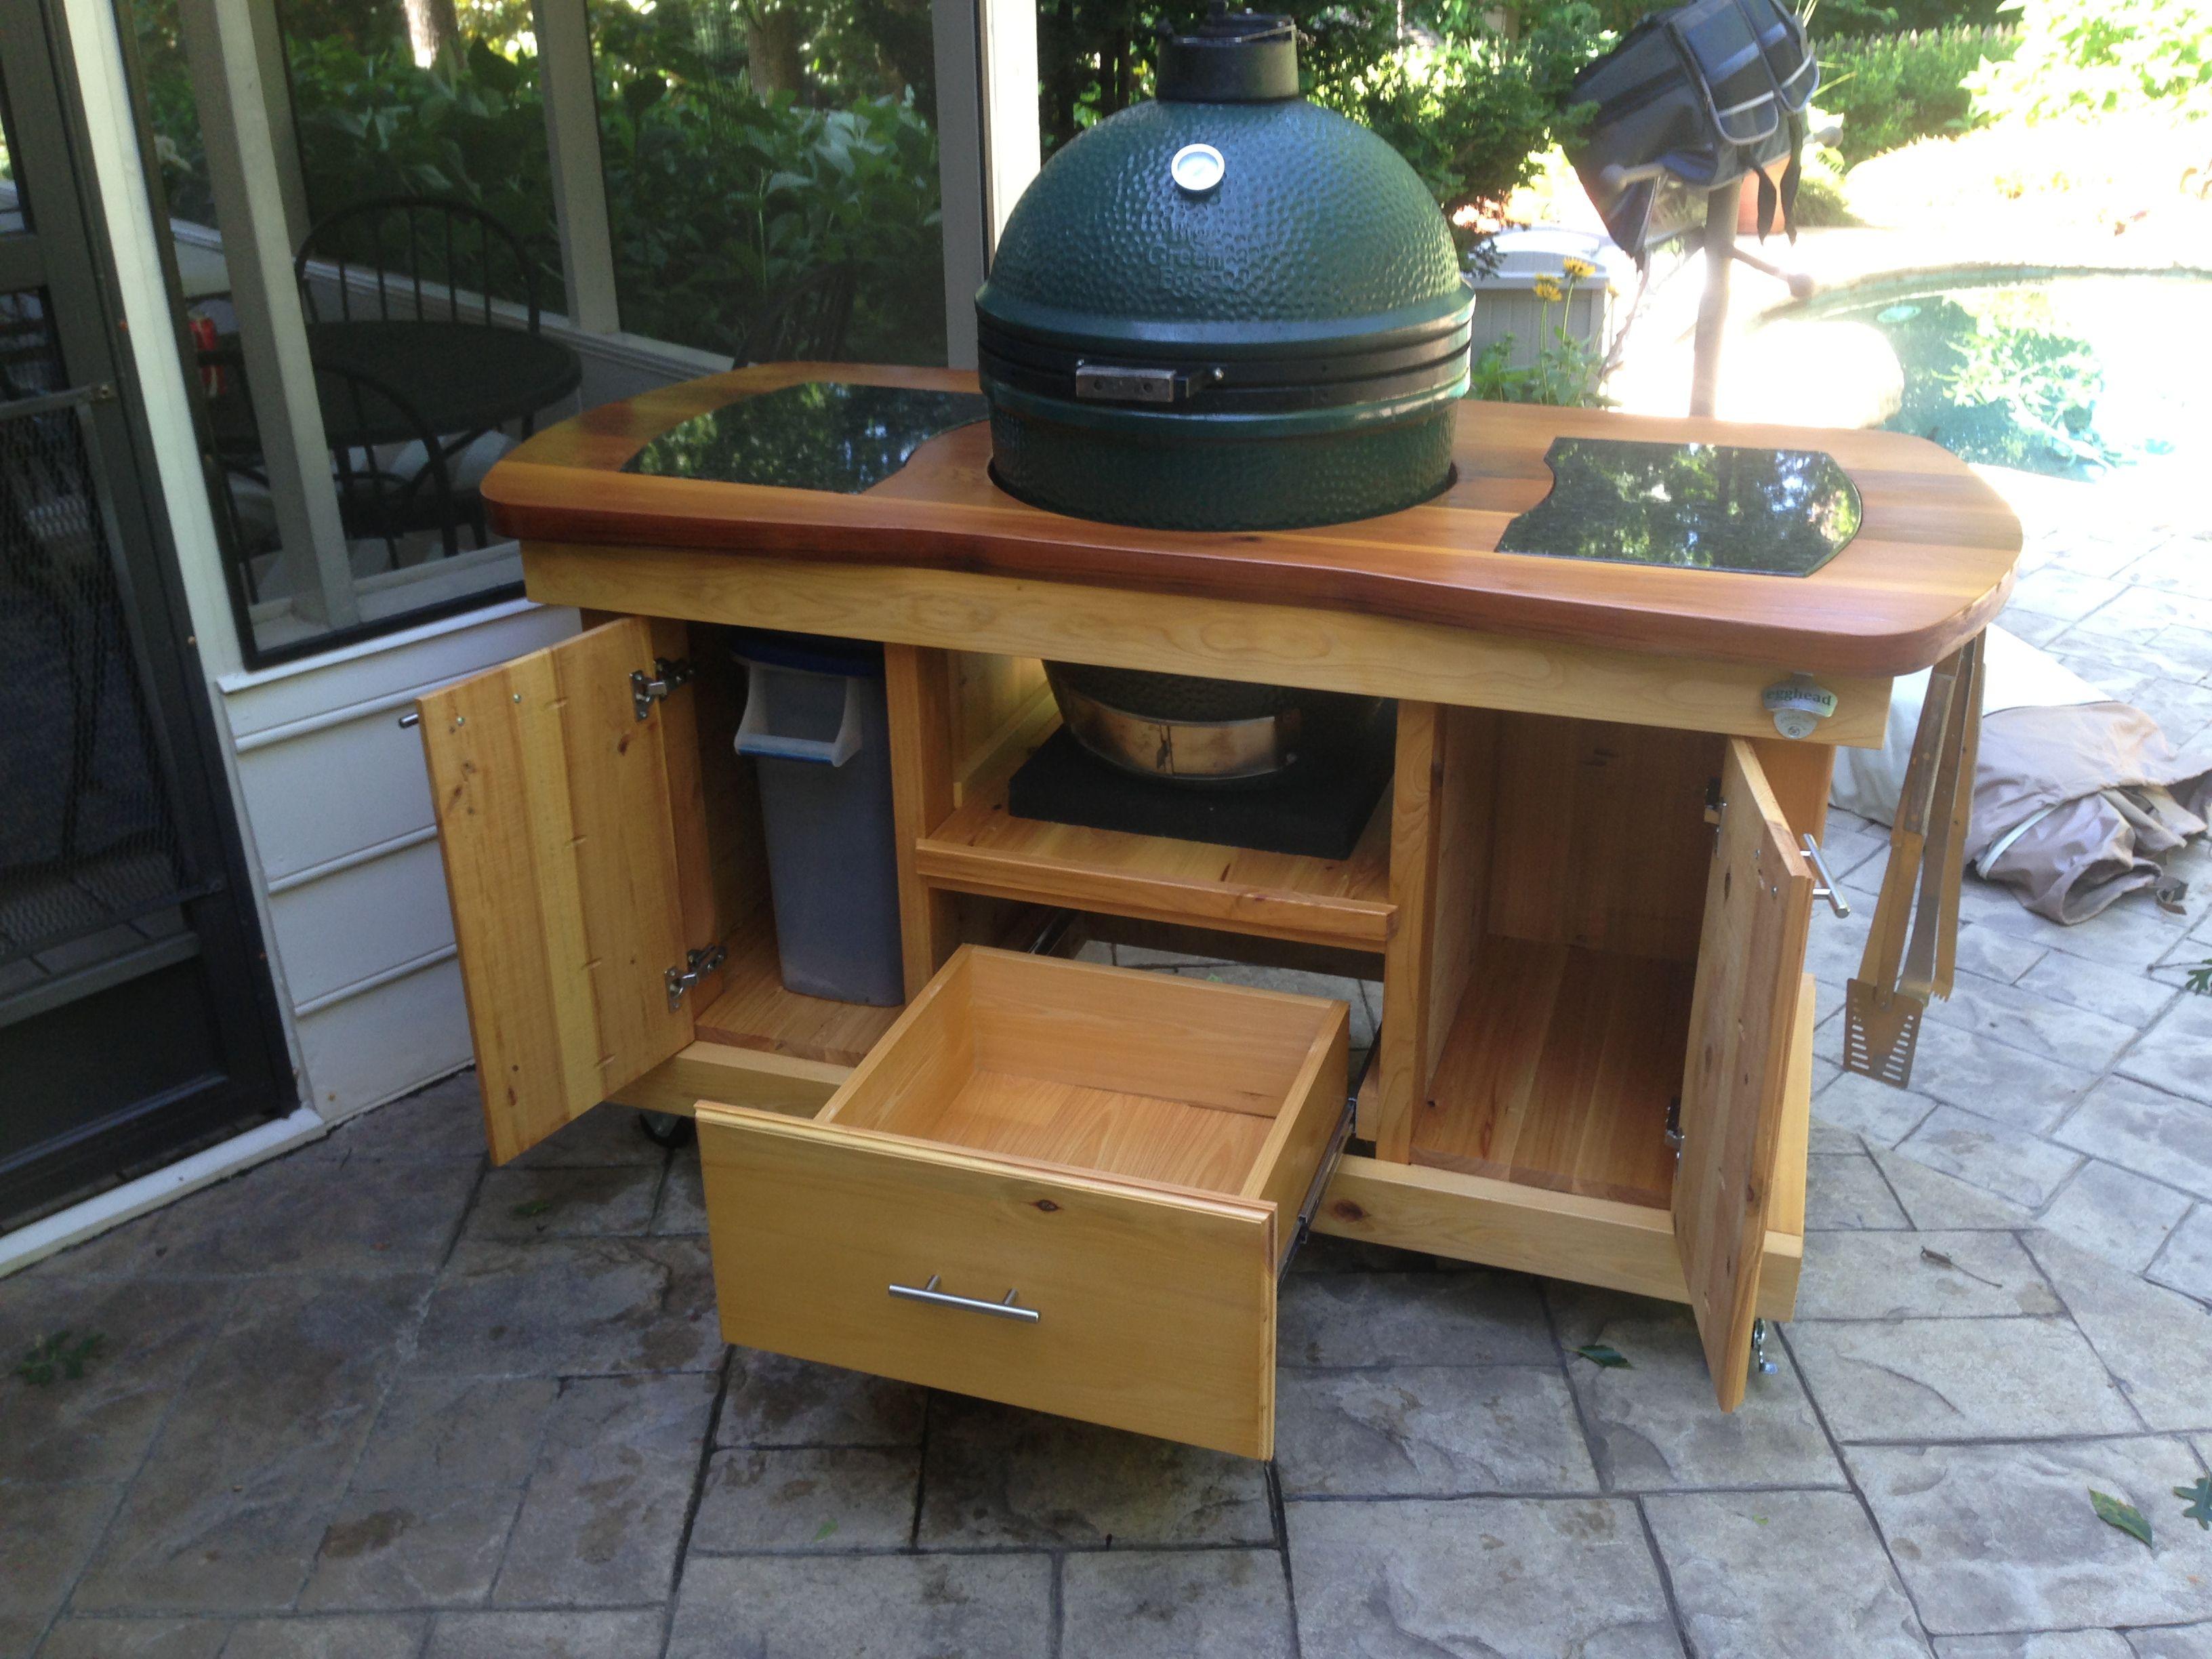 Big Green Egg Table Big Green Egg Table Plans Big Green Egg Table Grill Table